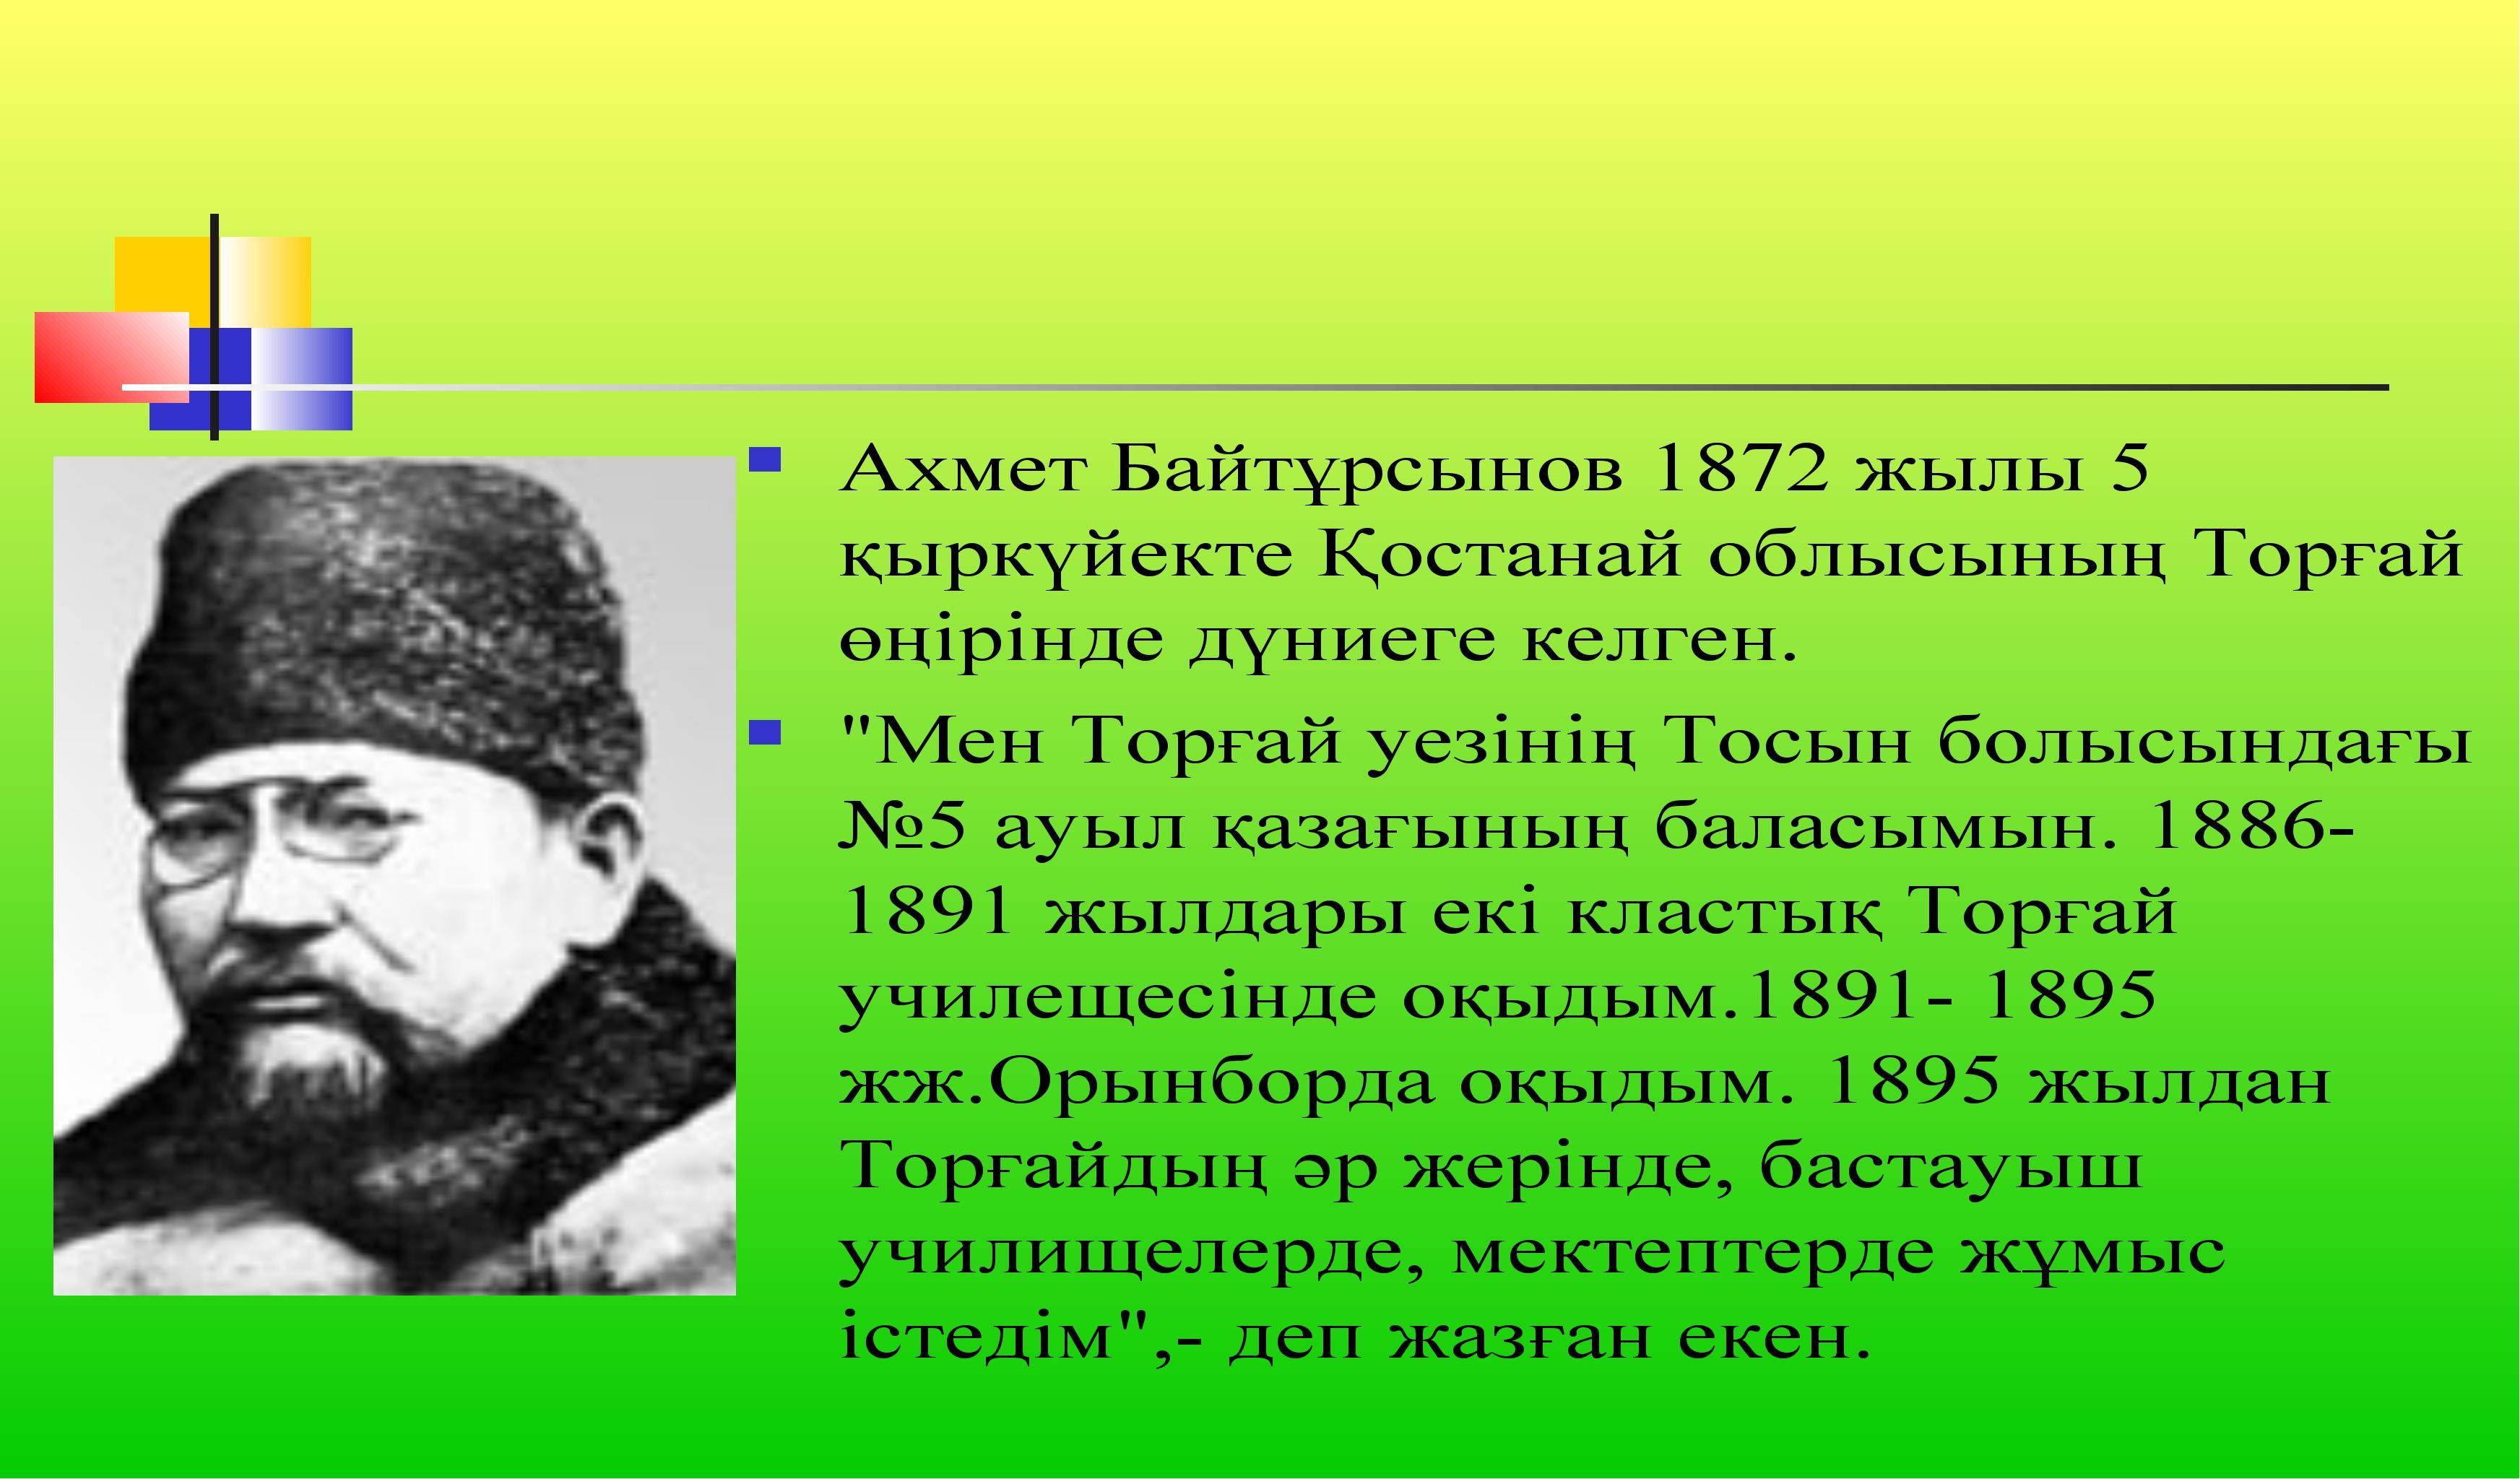 Ахмет Байтұрсынов 1872 жылы 5 қыркүйекте Қостанай облысының Торғай өңірінде д...